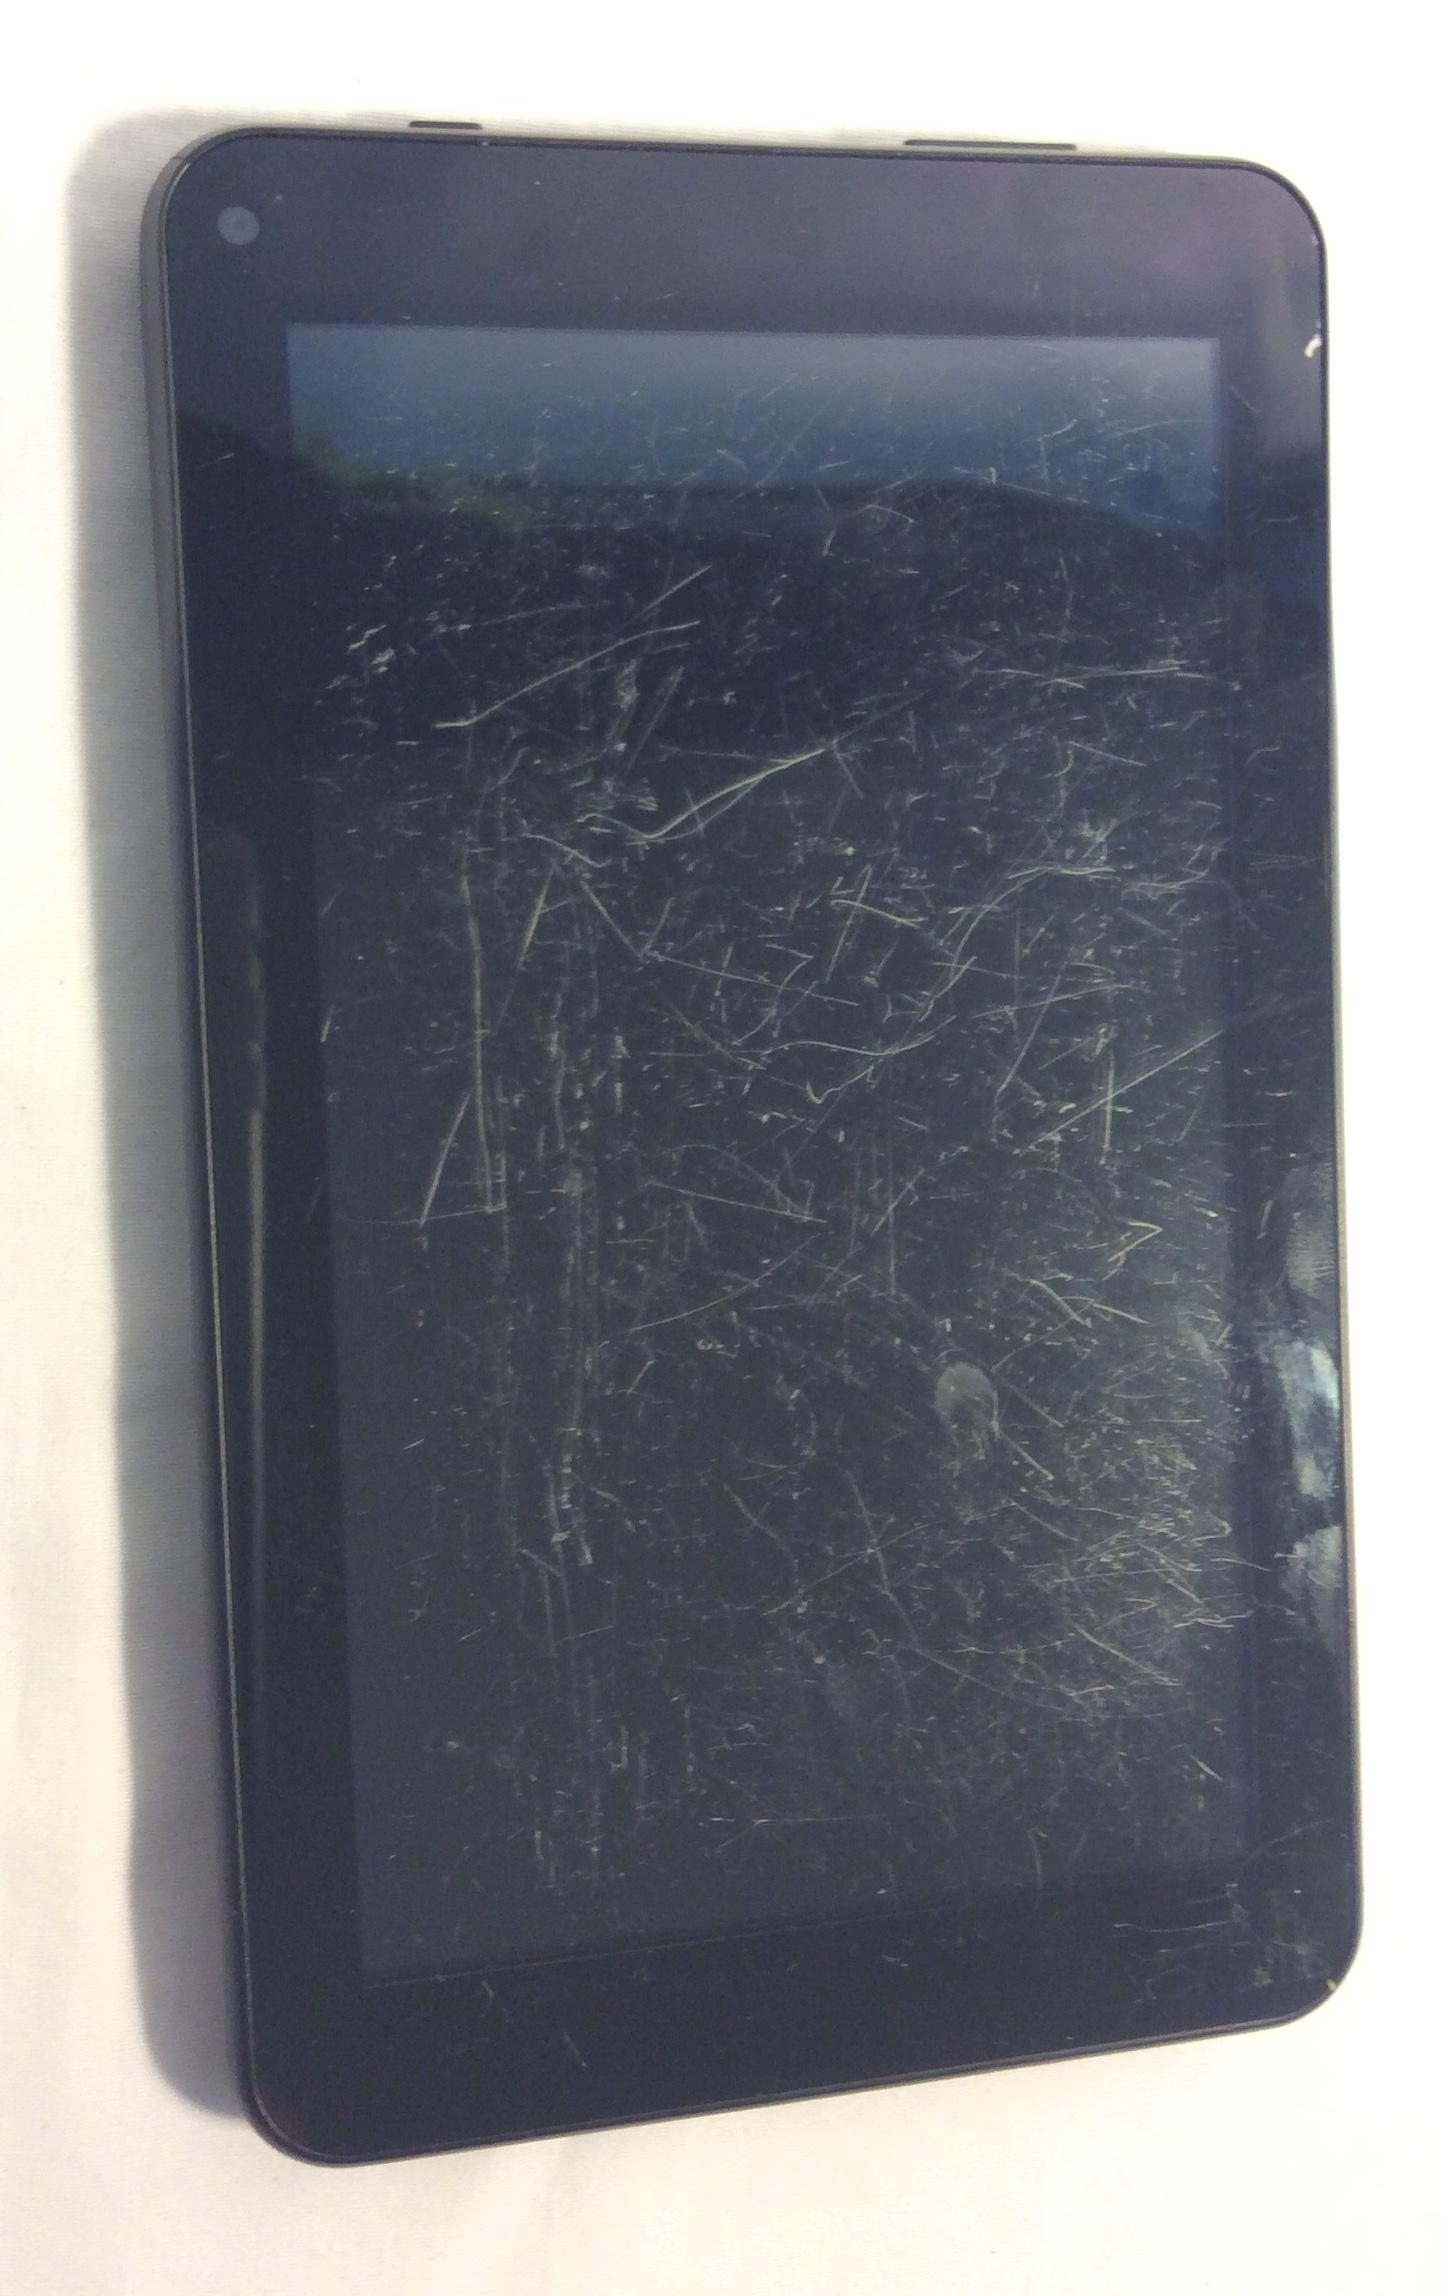 Digiland Tablet, scratched screen